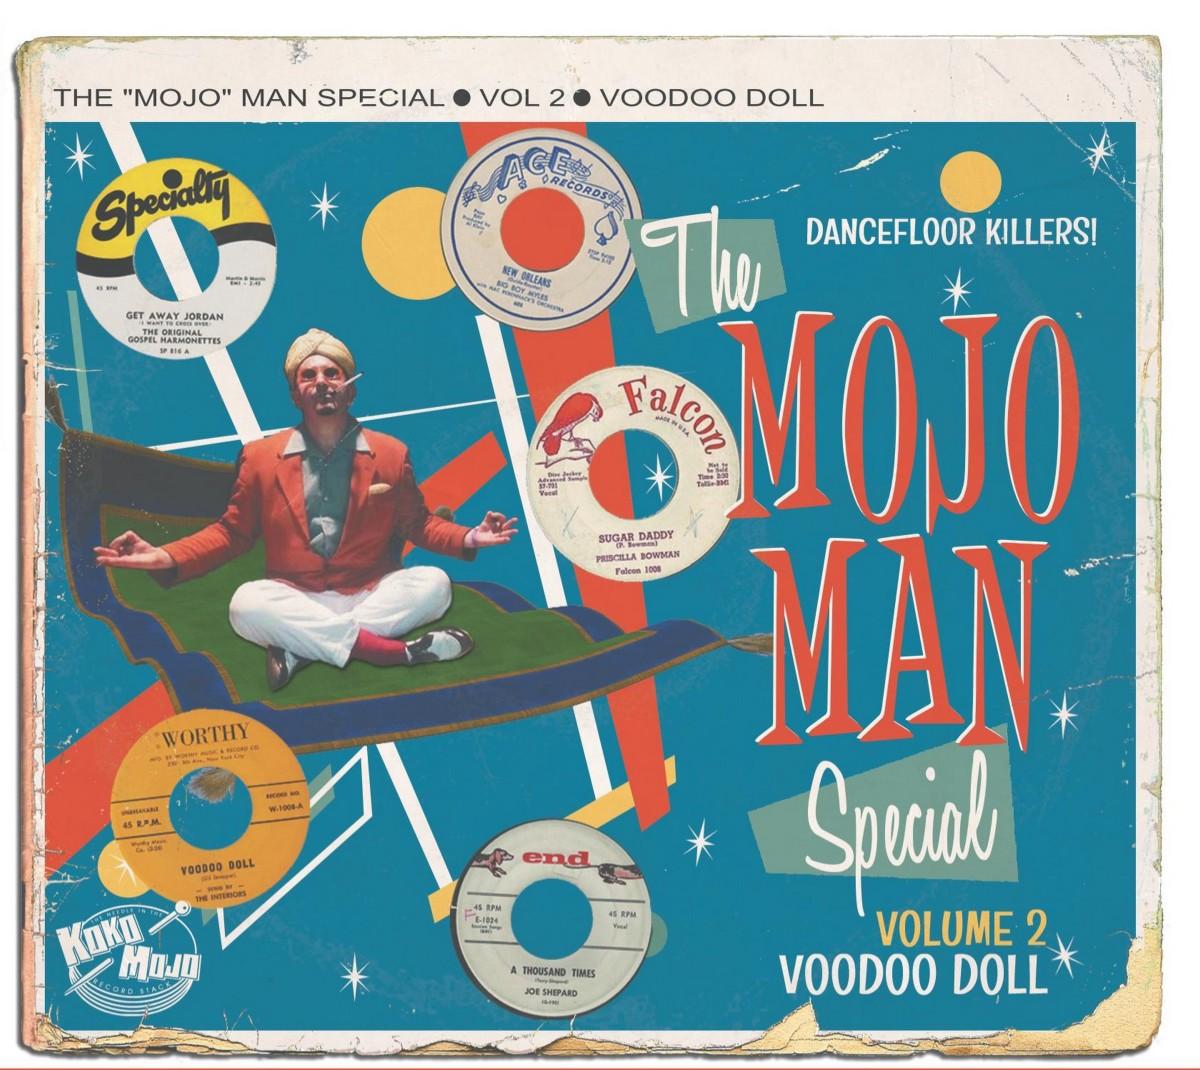 The MOJO MAN Special